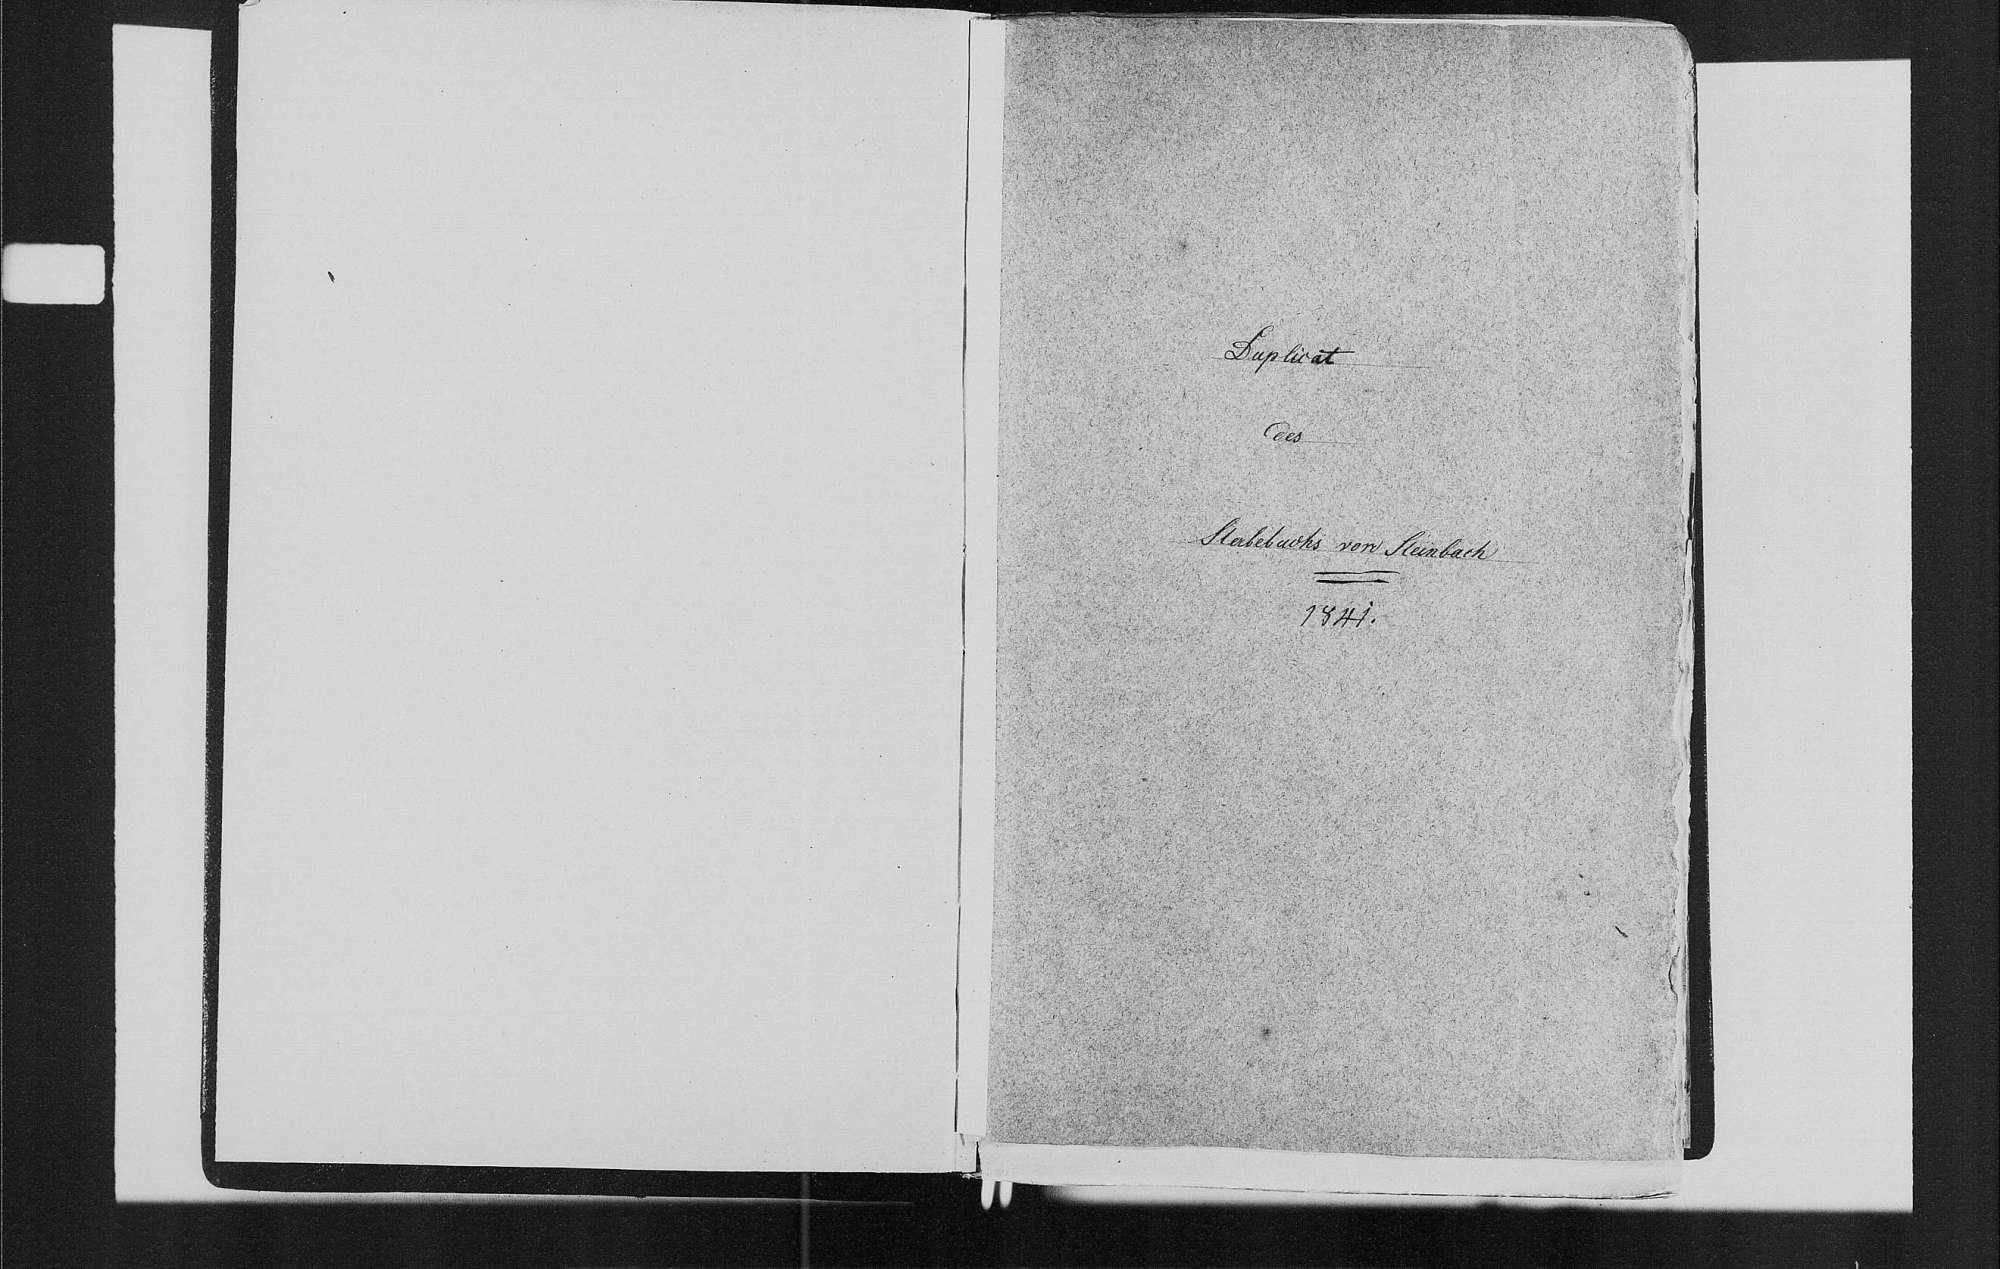 Steinbach, katholische Gemeinde: Sterbebuch 1841-1870, Bild 3